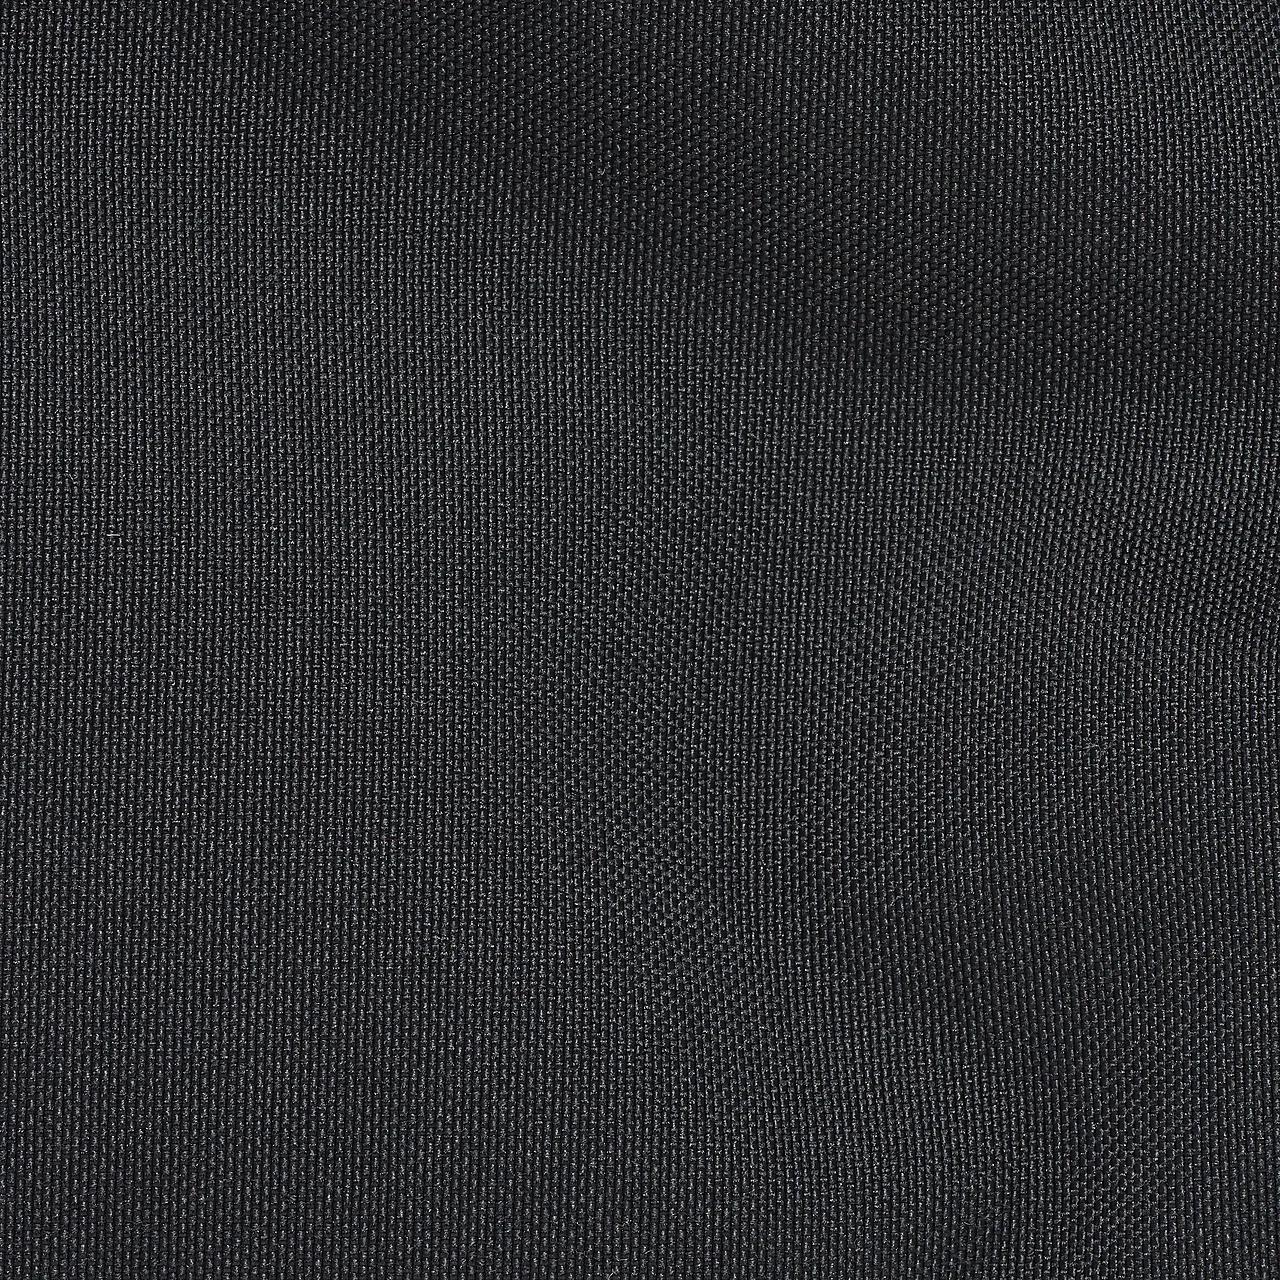 나이키 유틸리티 스피드 트레이닝 백팩 CK2668-010